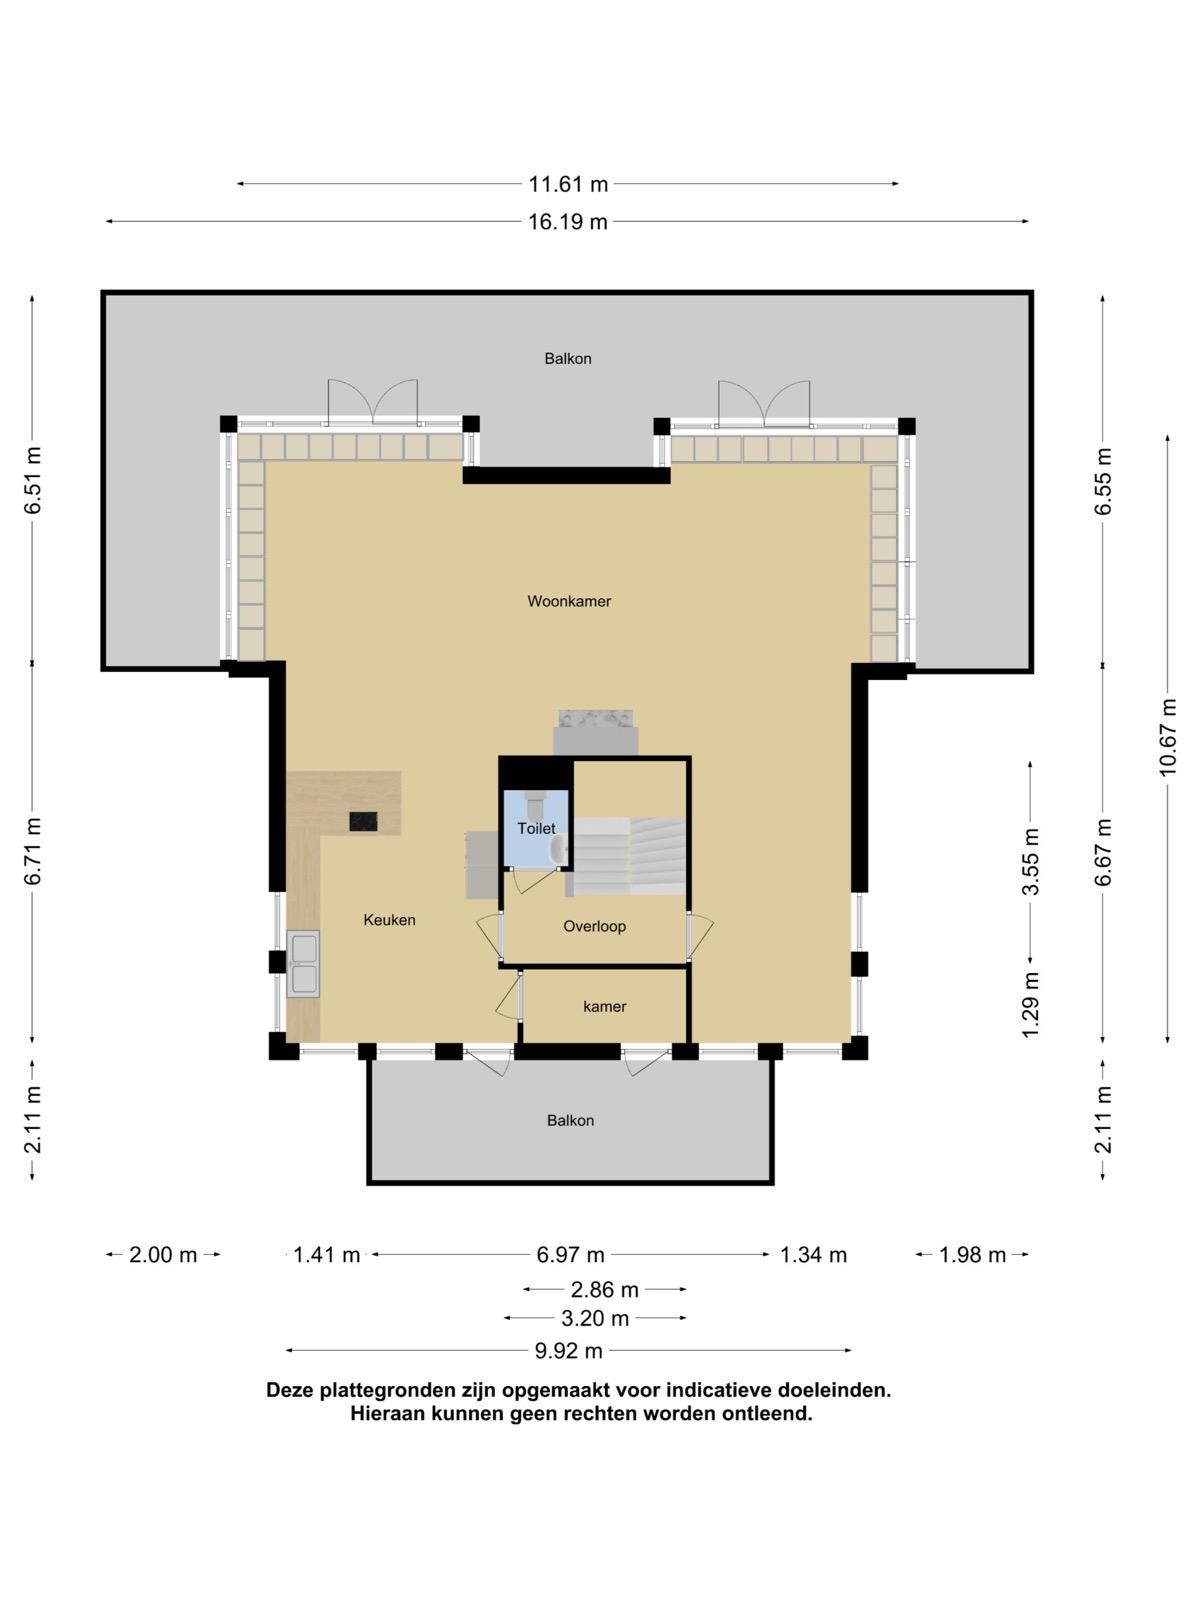 bolwerk-2-stavoren-plattegrond-29